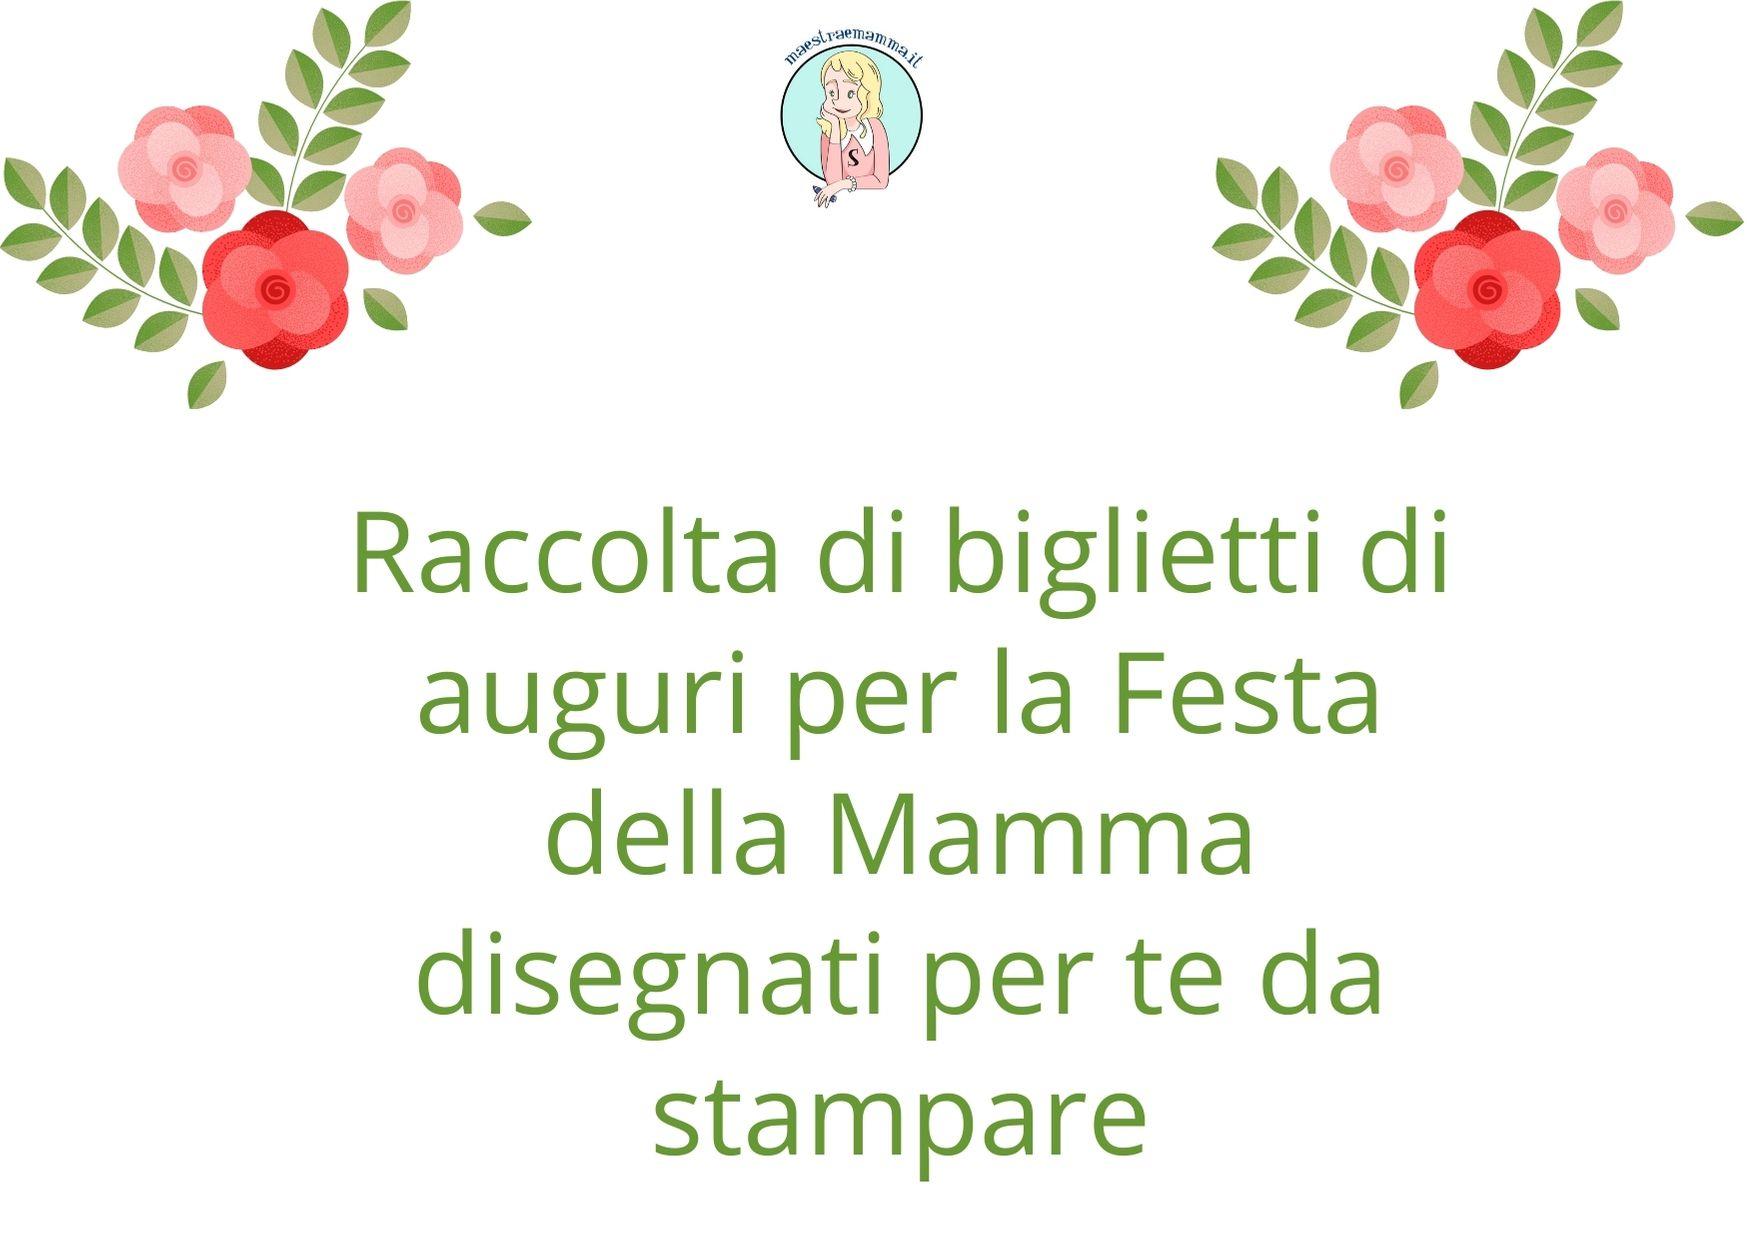 Festa della mamma – biglietto d'auguri da stampare